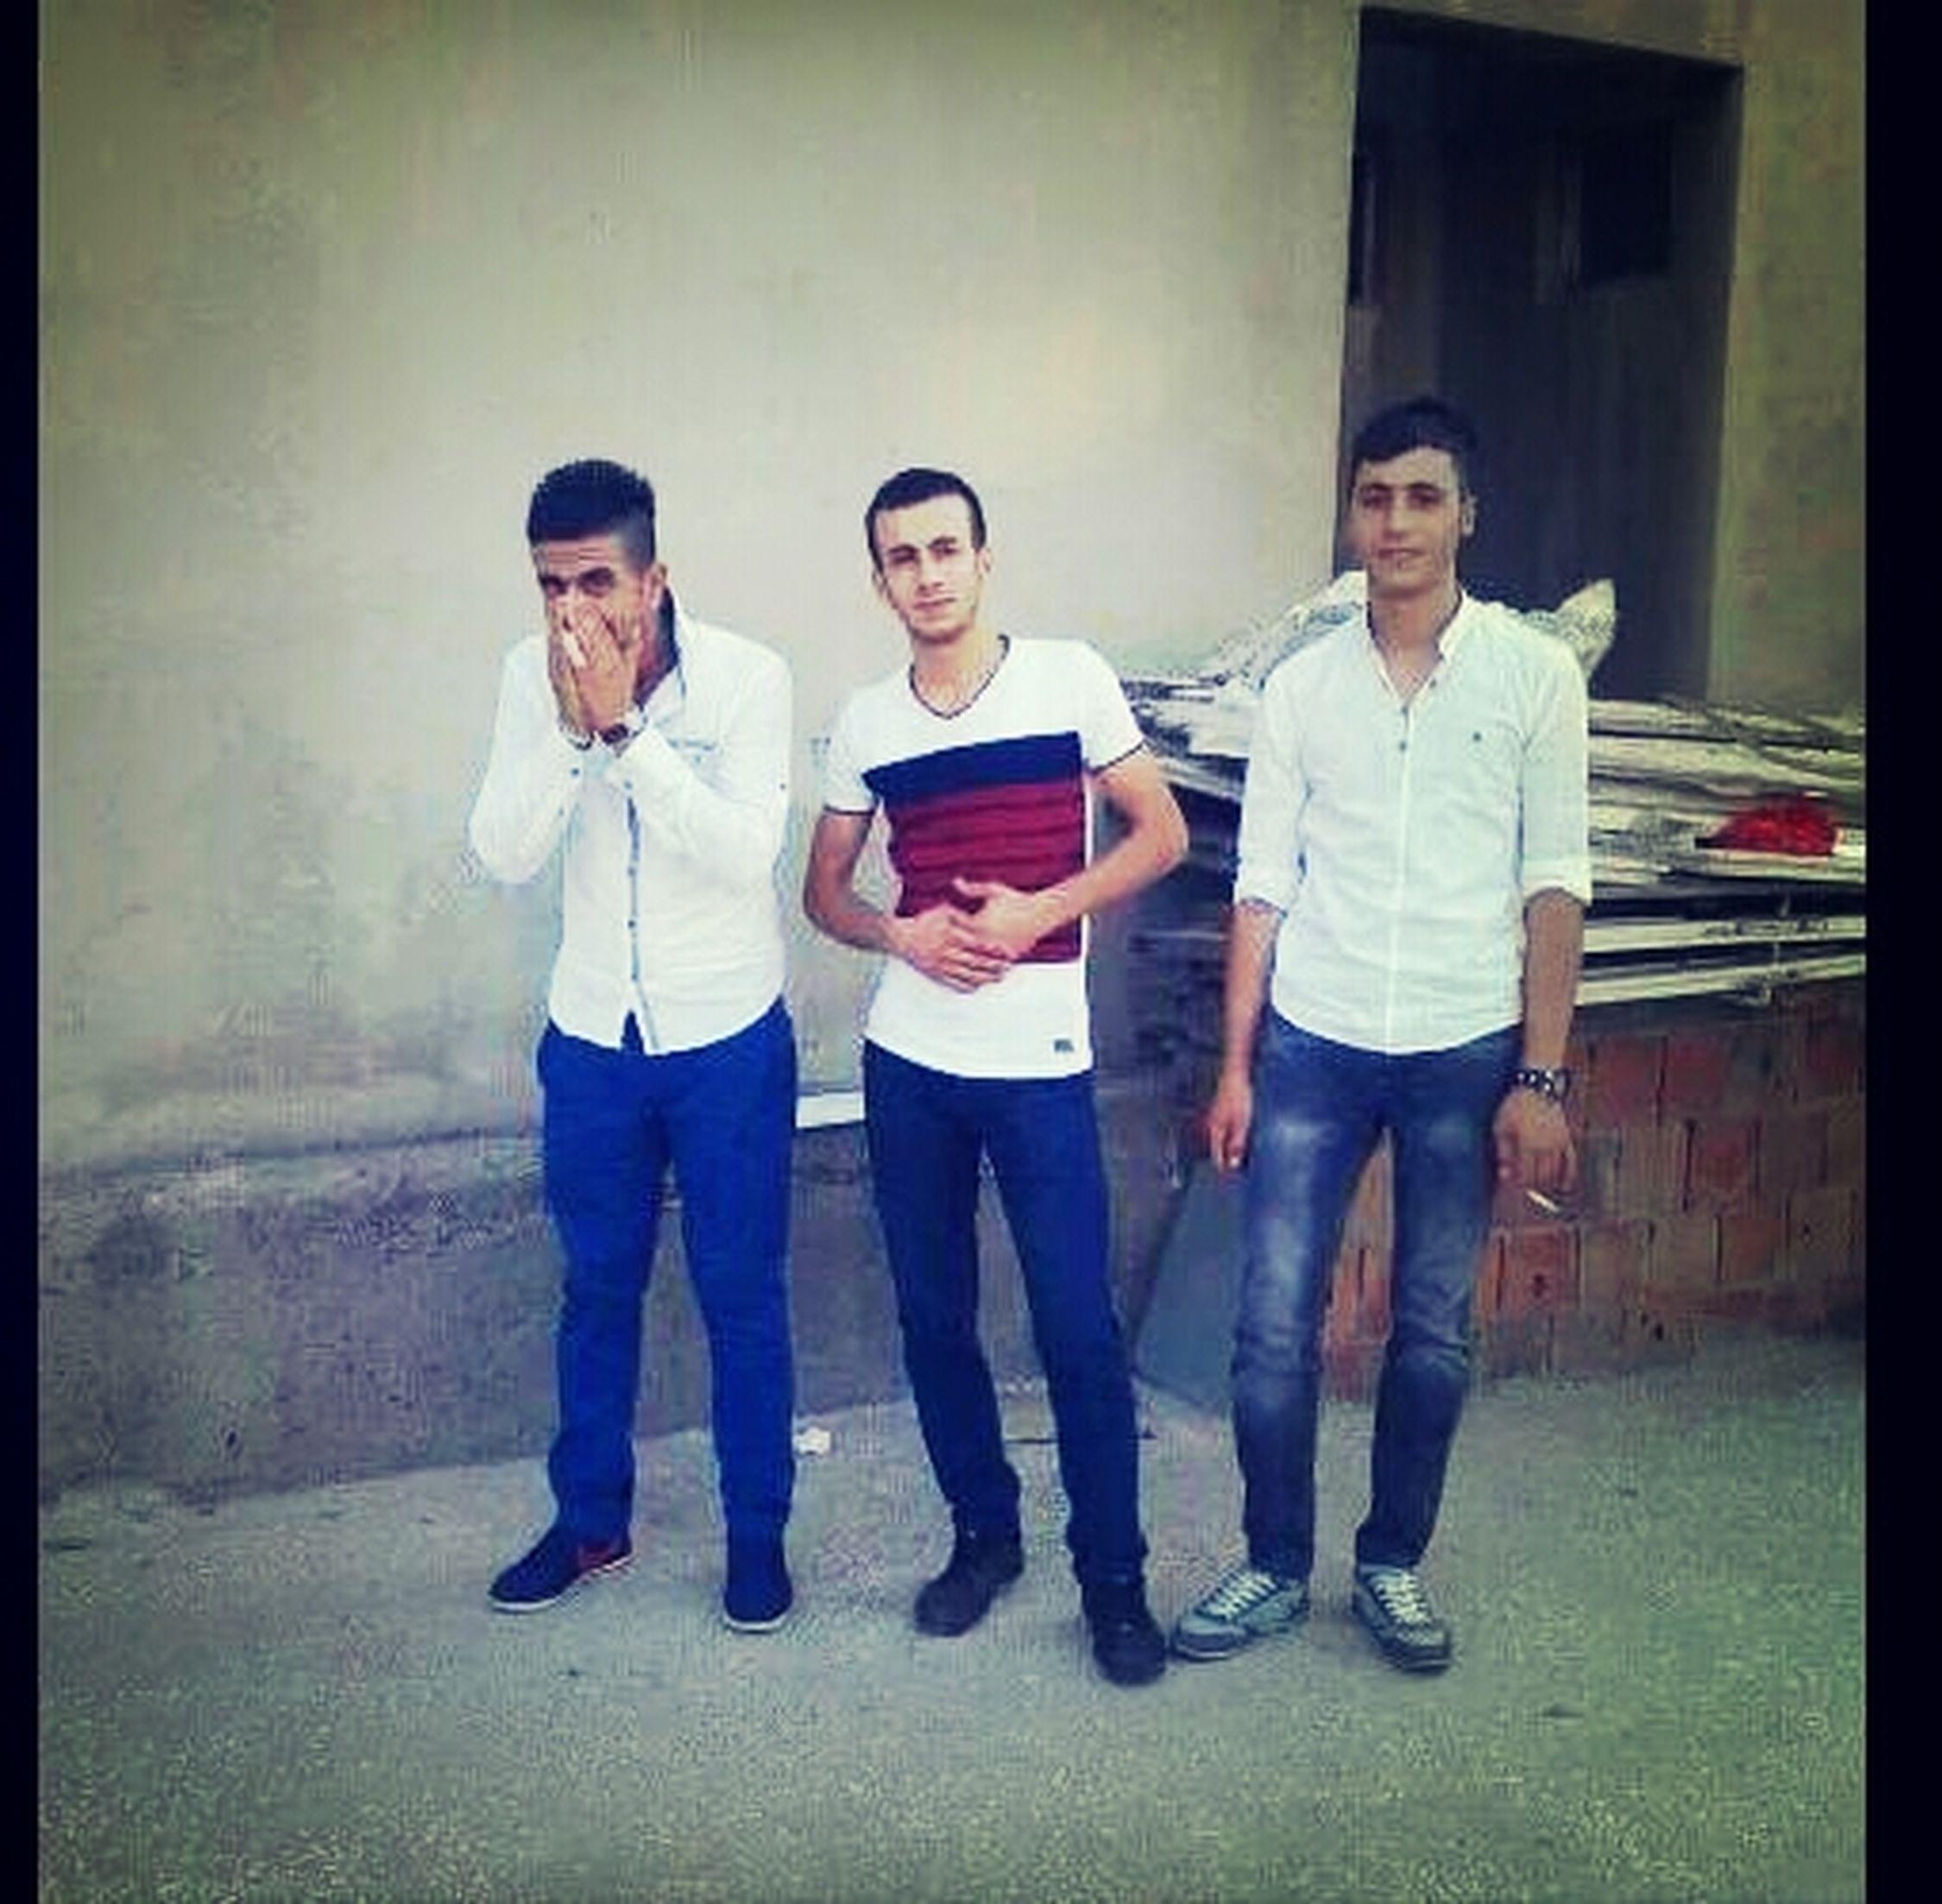 Eski dostluklar :-)